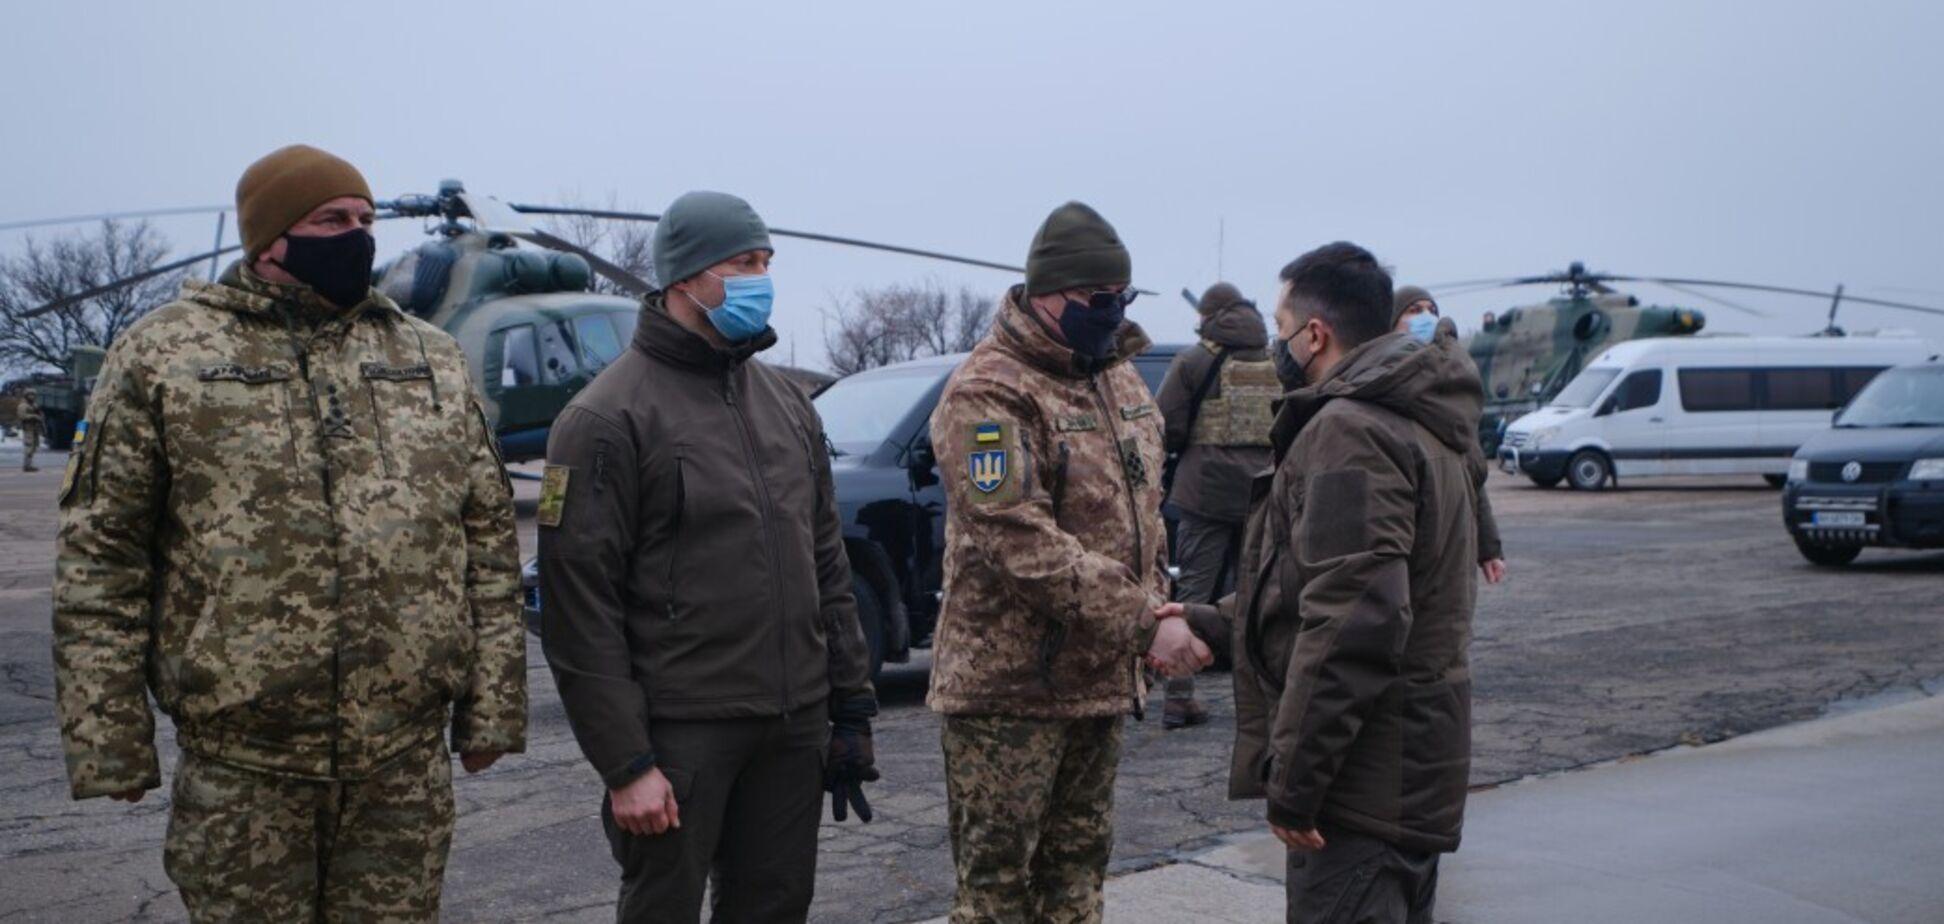 У президента з дипломатами триває робоча поїздка до Донецької області